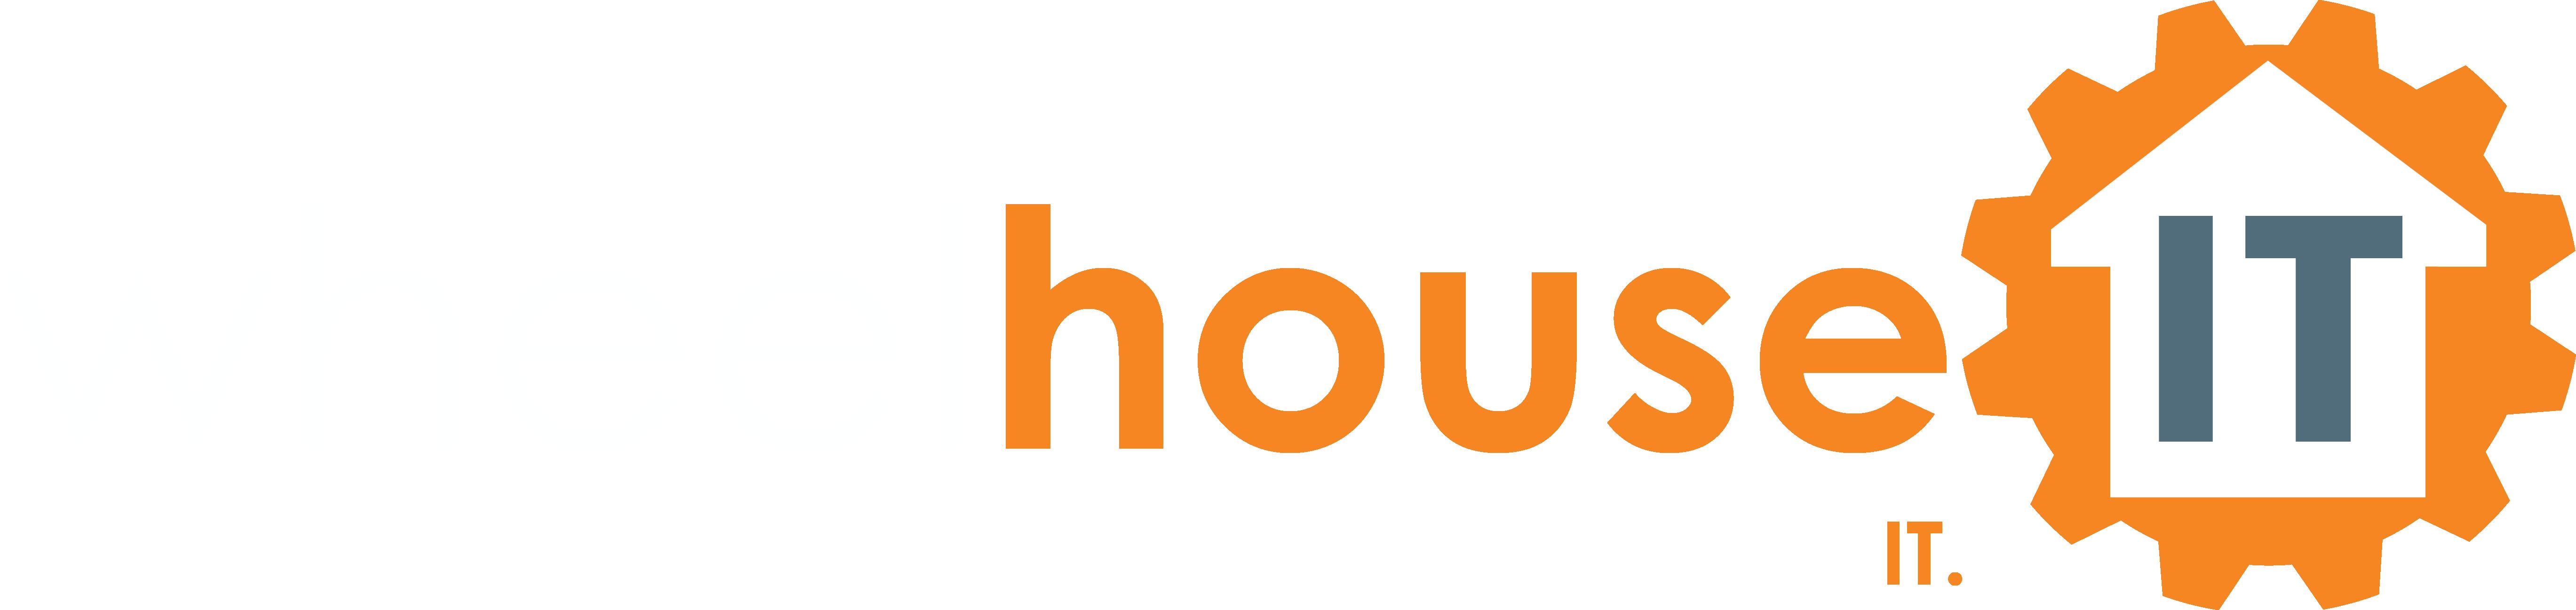 wheelhouse-logo-white